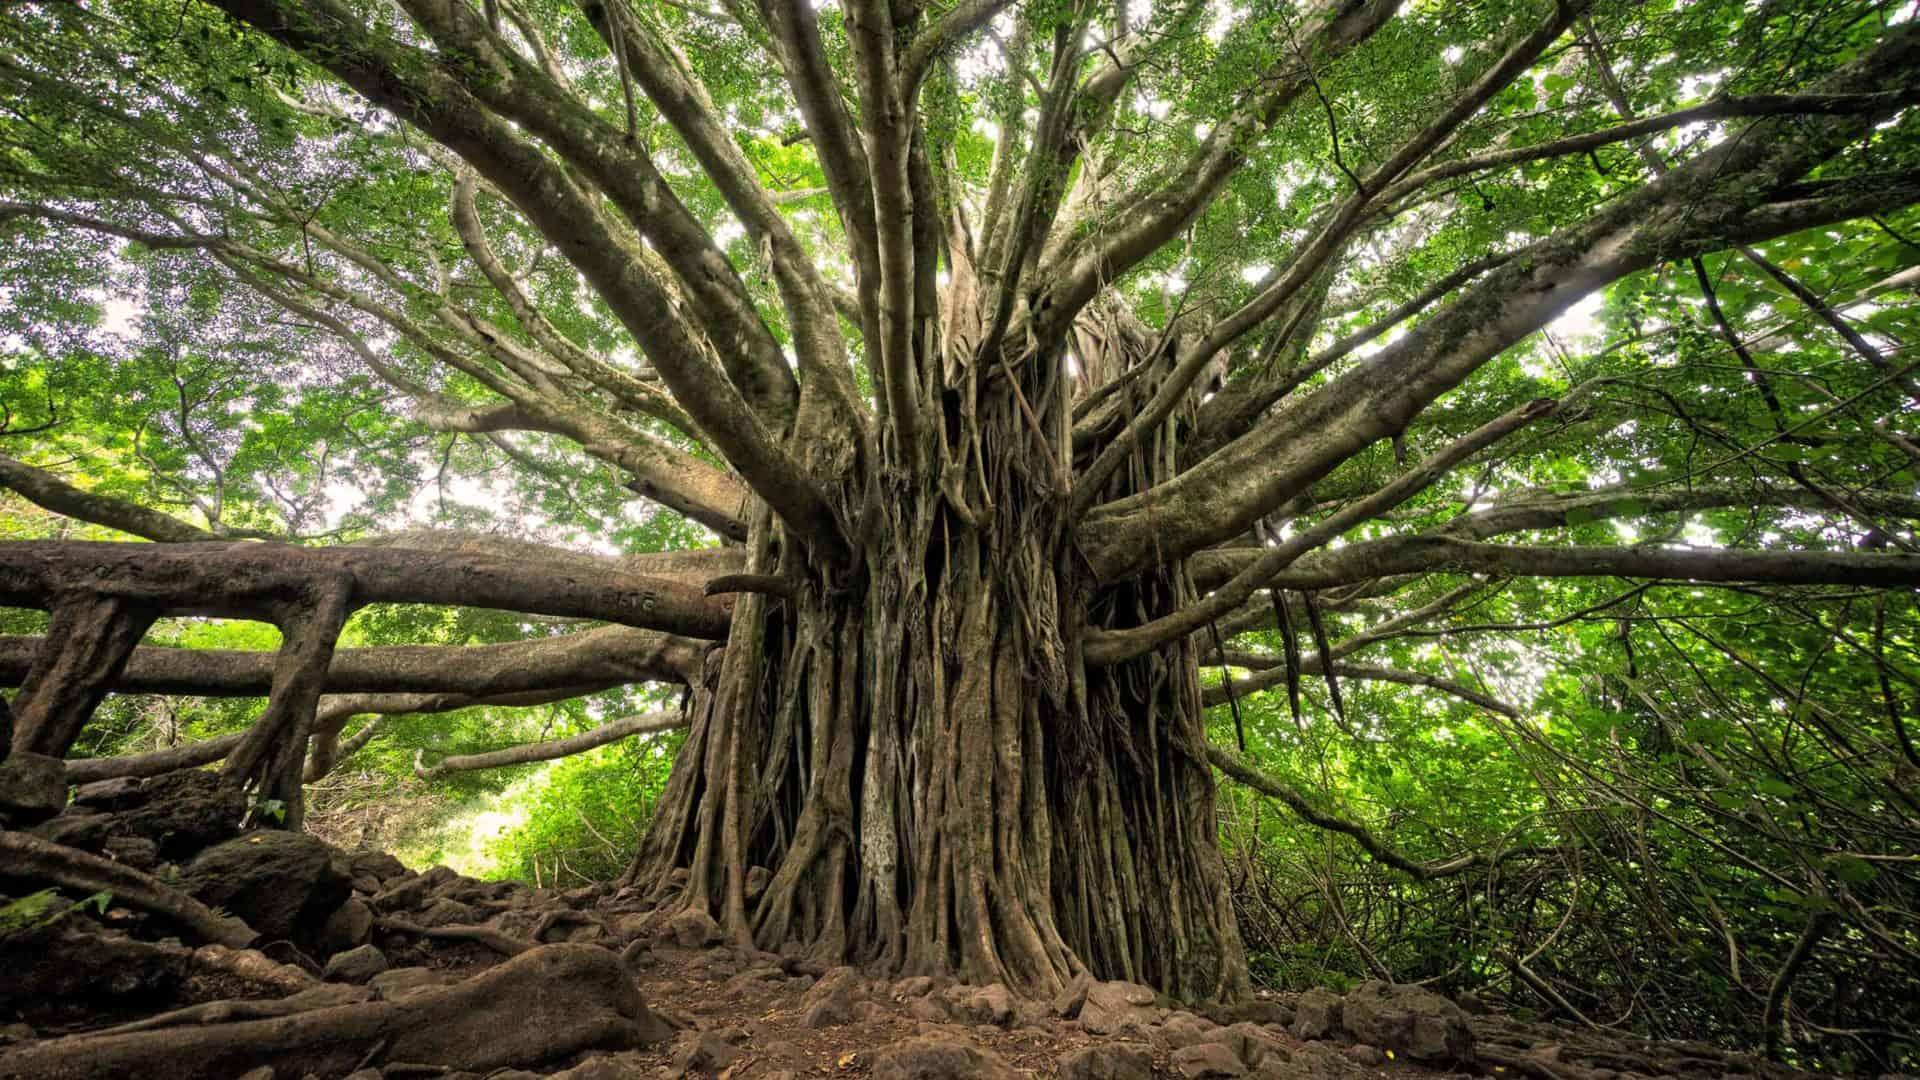 Árvore ancestral no meio da floresta, com galhos extensos, copa volumosa e muitos cipós no tronco. Foto: Brandon Green